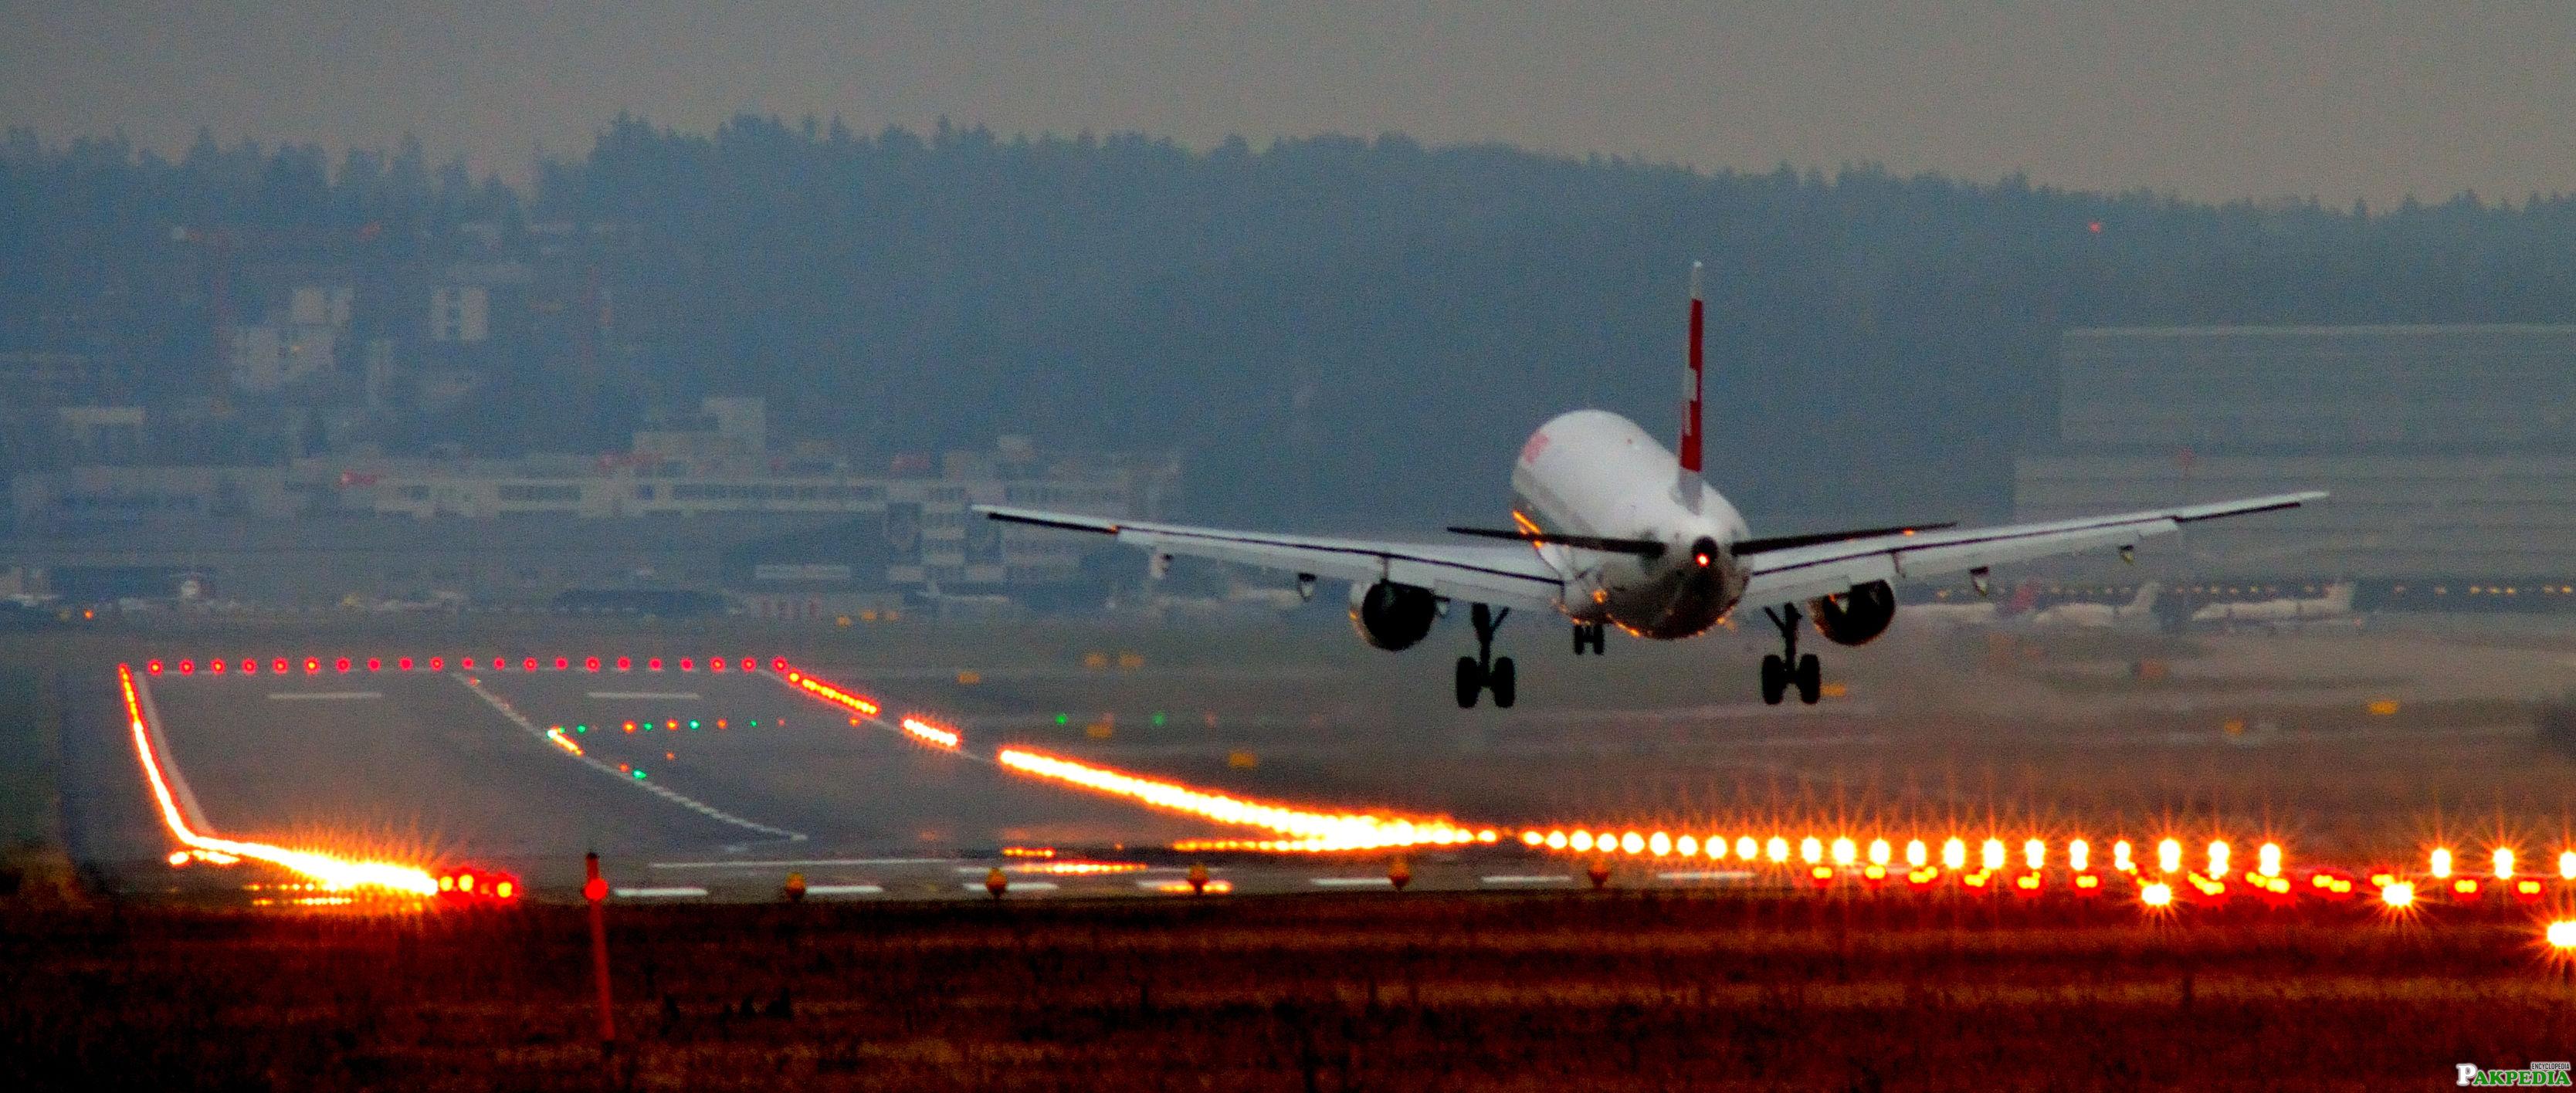 Flight View at Runway